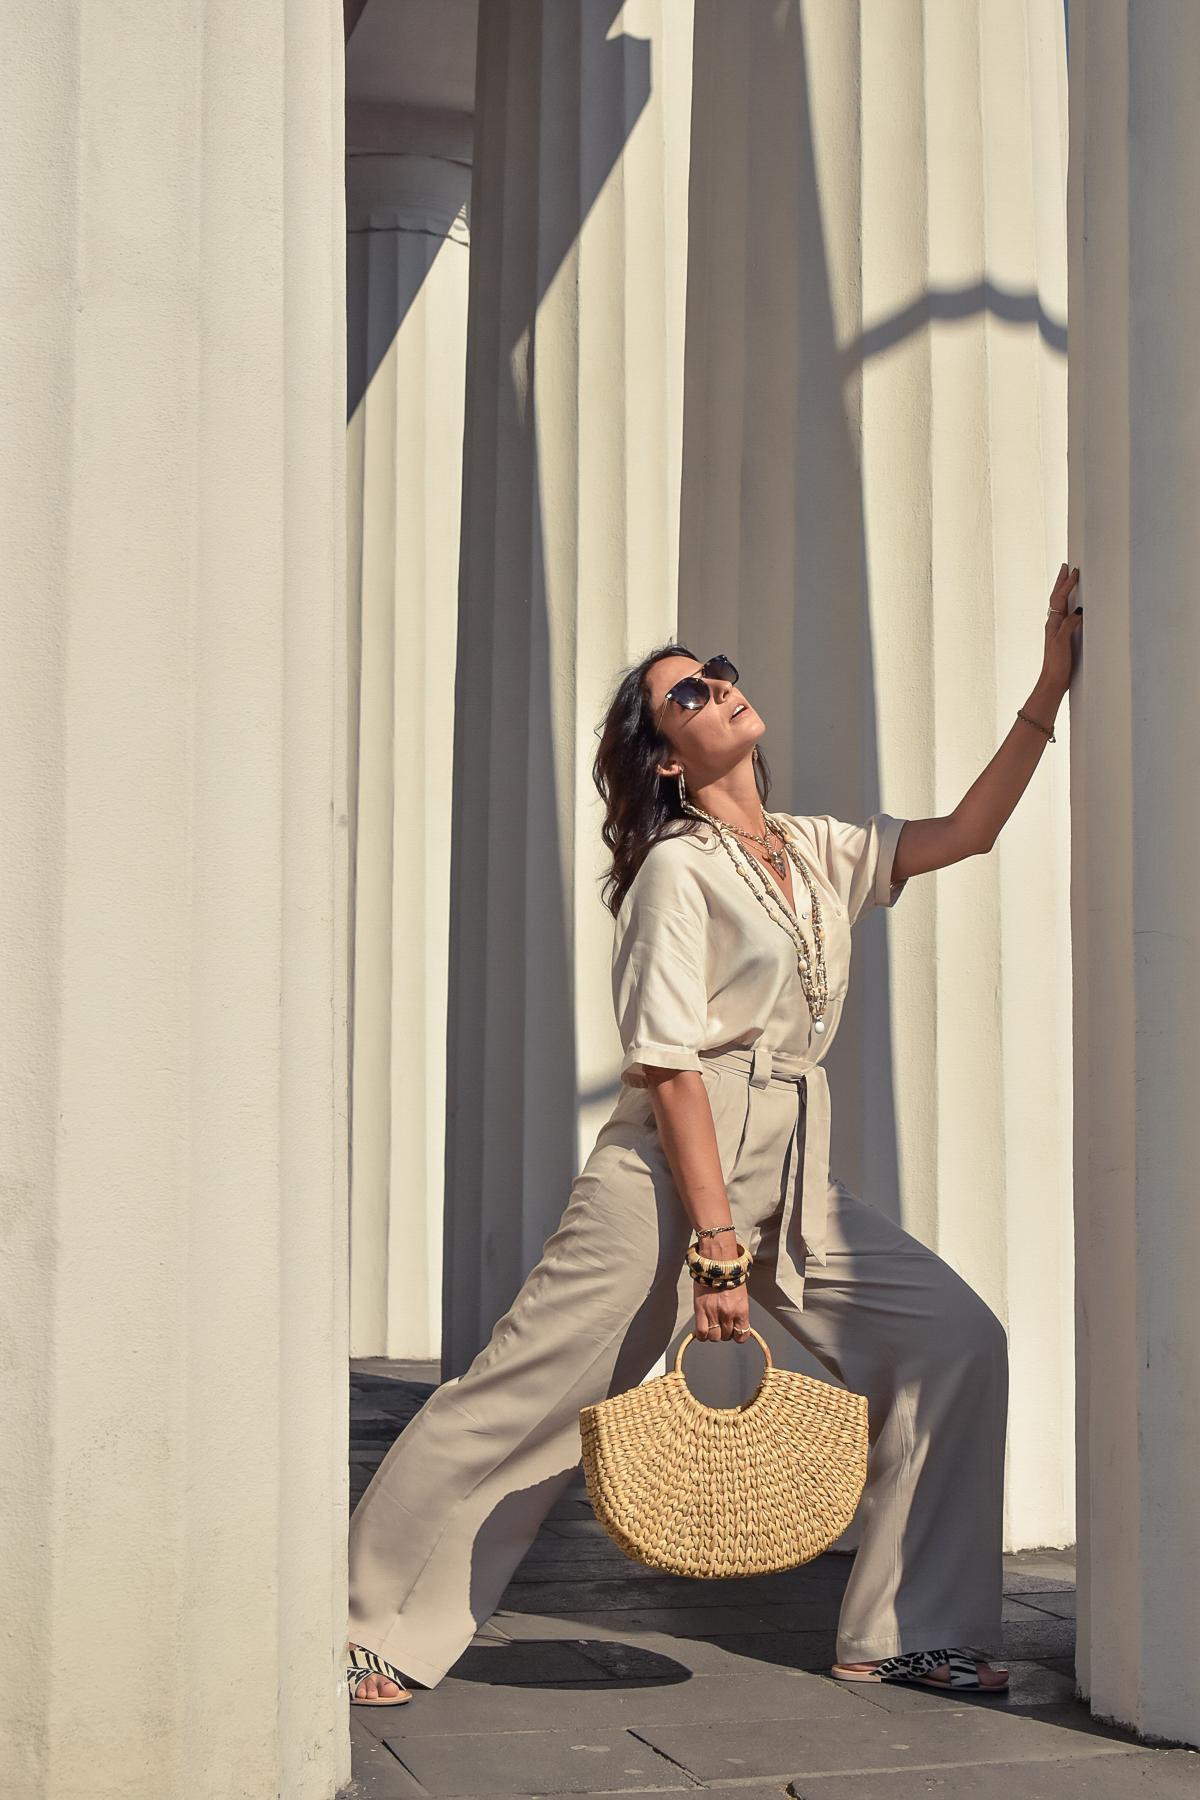 el-blog-de-silvia-visitar-dusseldorf-pared-mosaico-colores-look-pantalon-blusa-beige-08